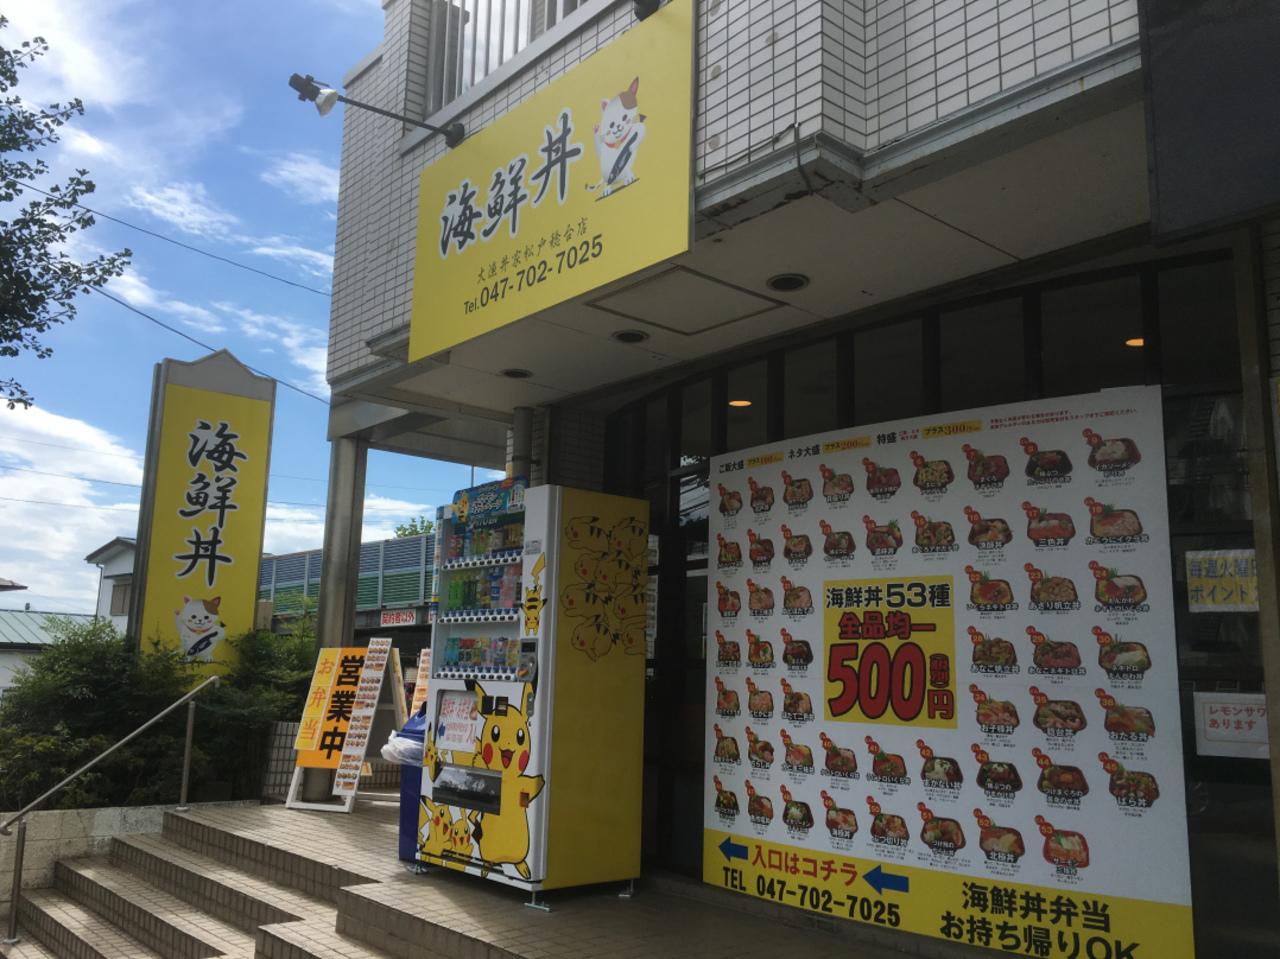 12207海鮮丼・定食・メガ盛りの大漁丼家松戸稔台店